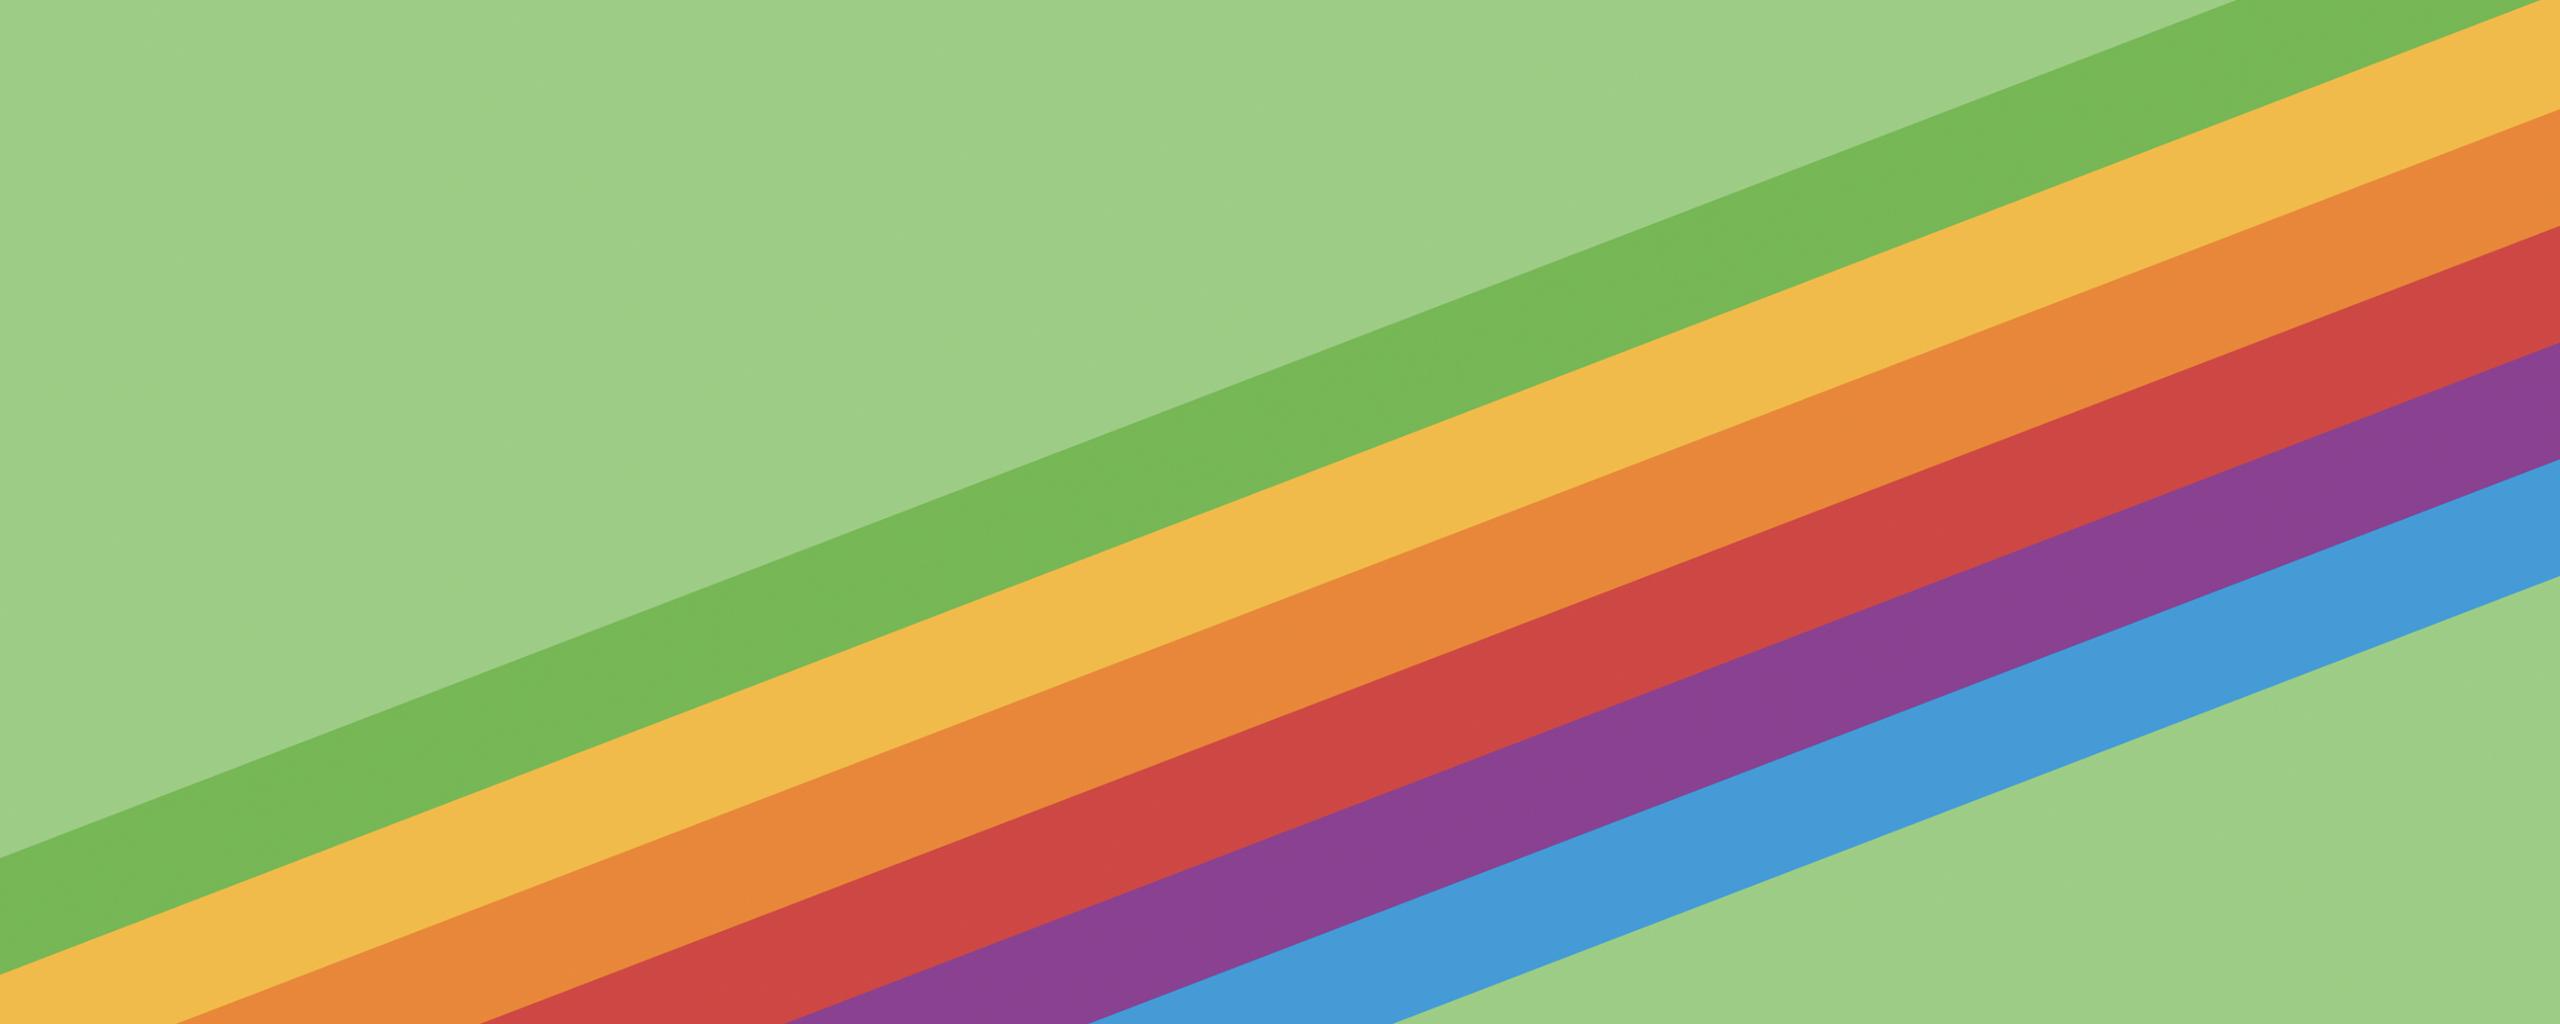 ios-11-heritage-stripe-green-rs.jpg